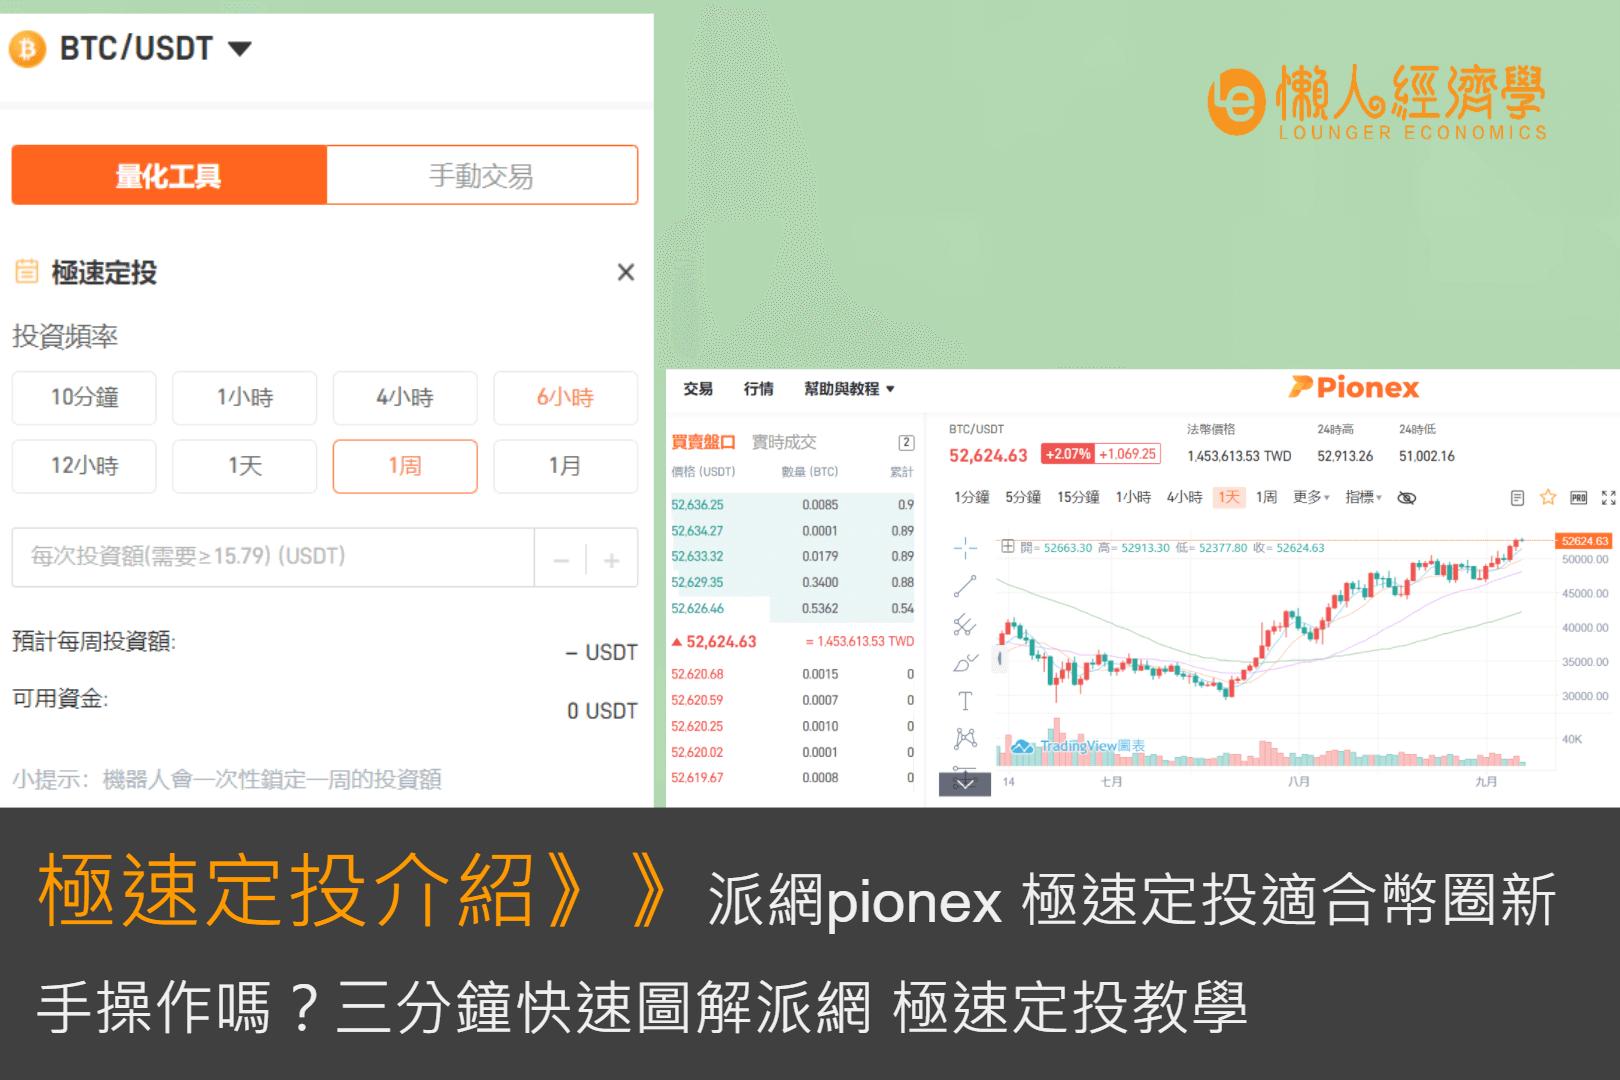 派網pionex 極速定投